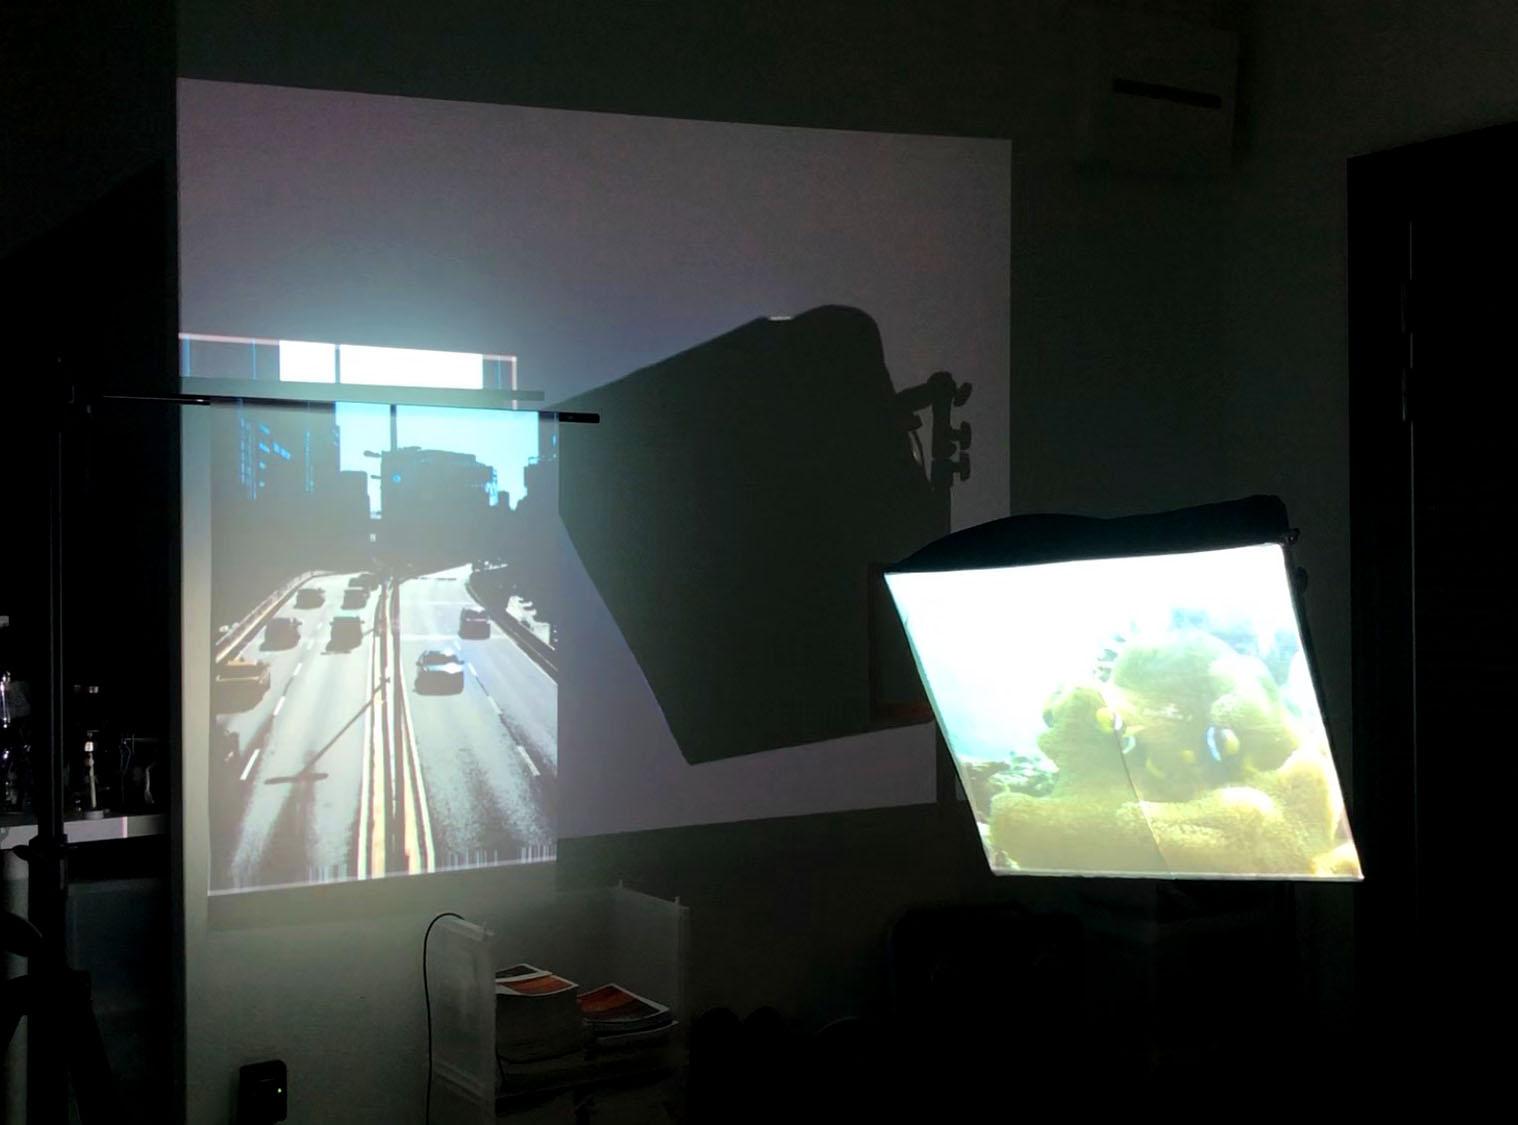 プロジェクションマッピングに挑戦〜Grand VJ 2 XTデモ版を体験〜